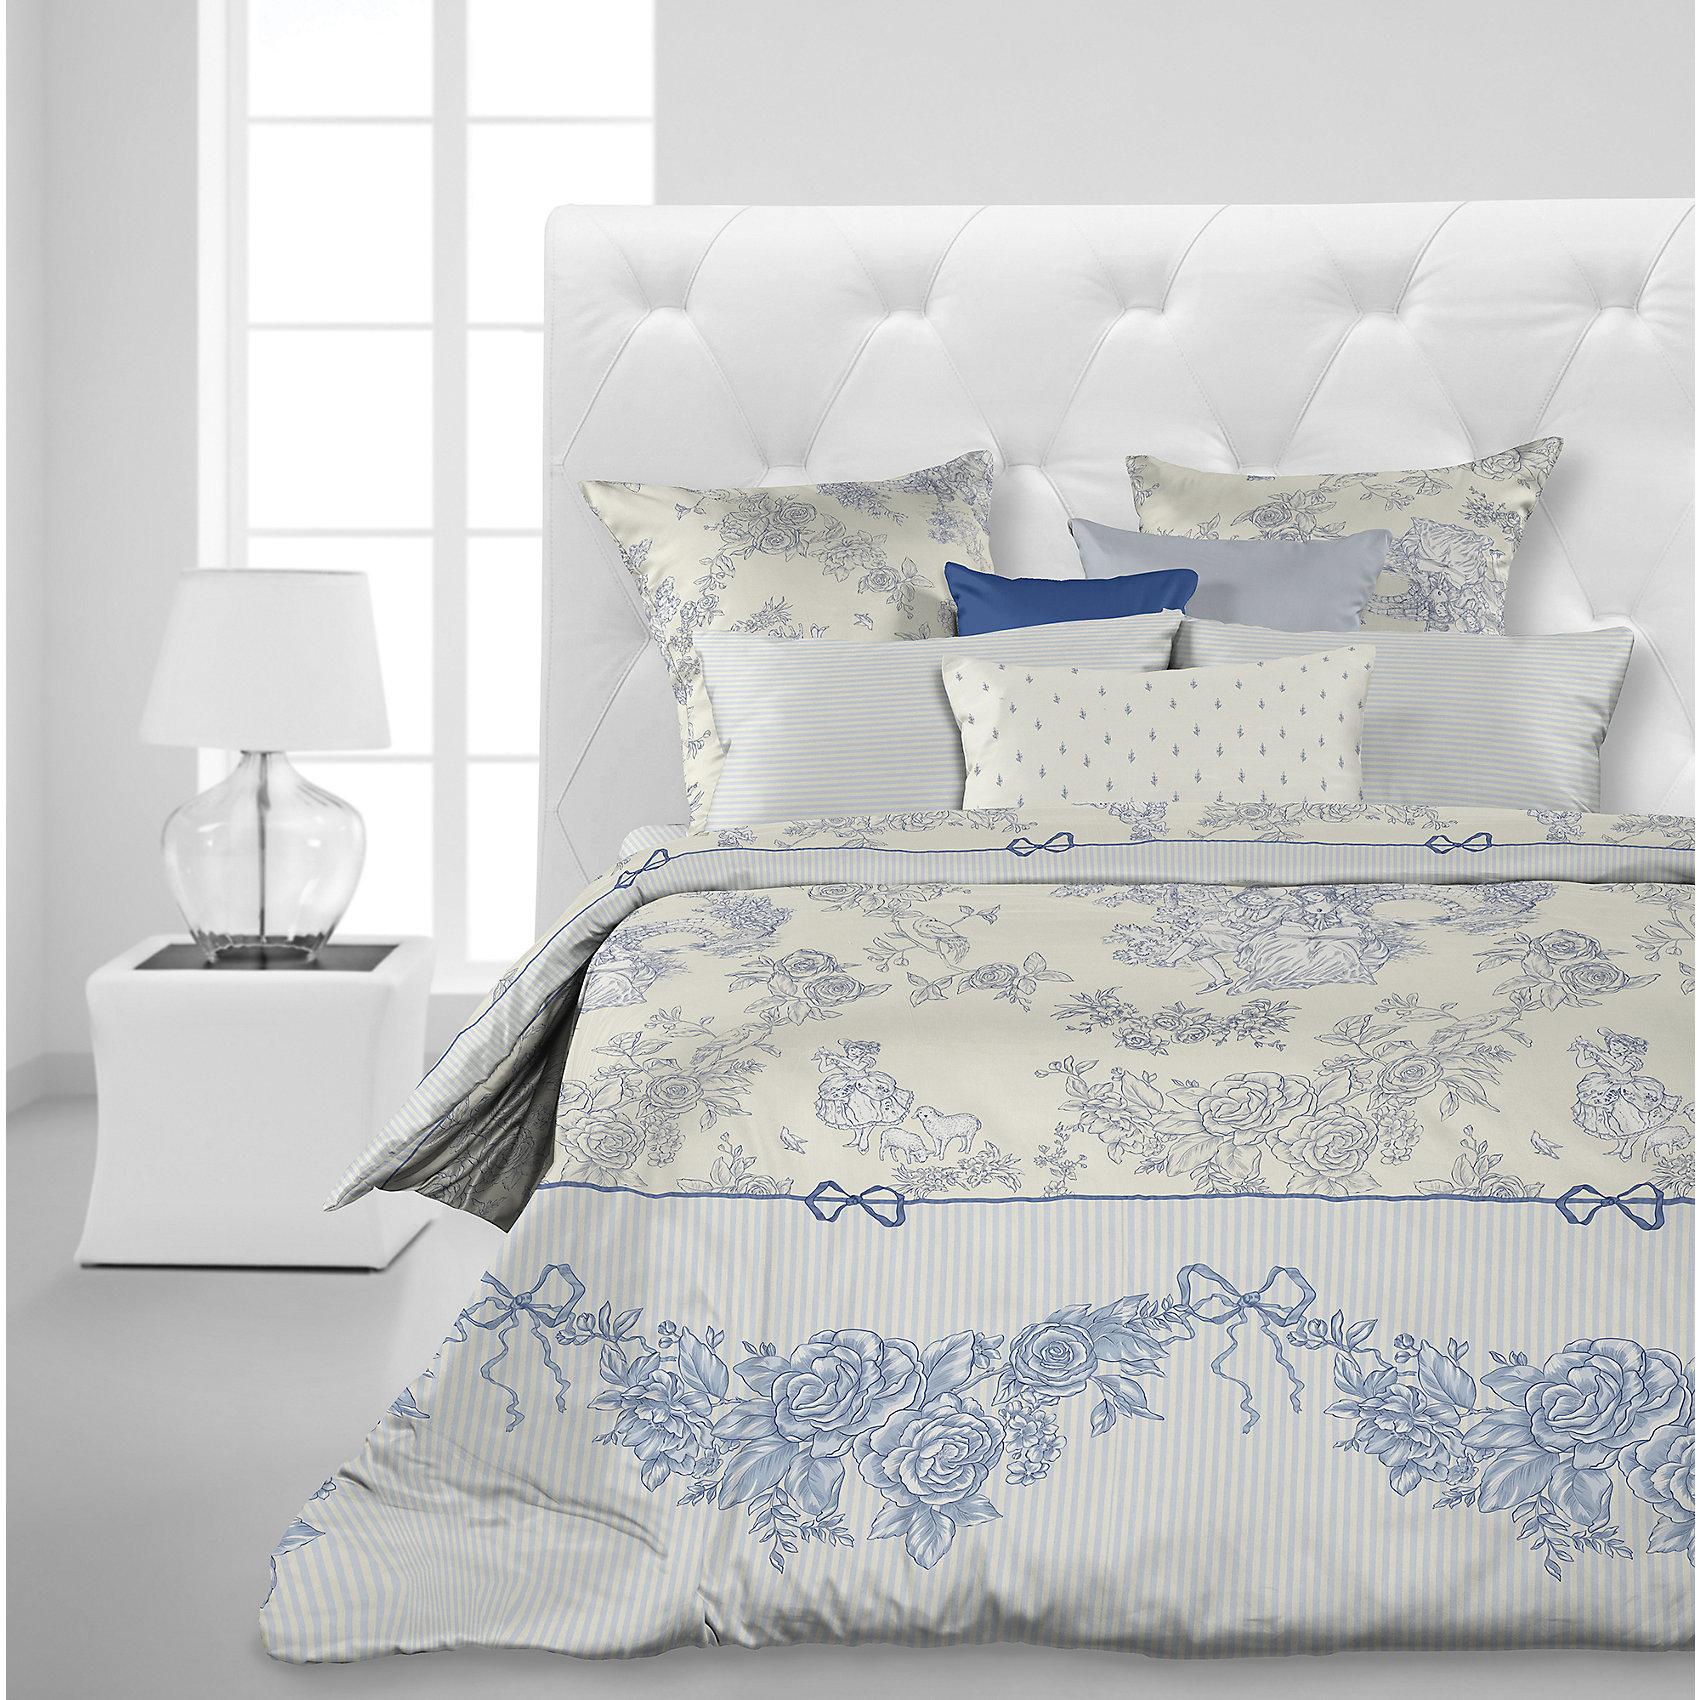 Комплект постельного белья Toile de Jouy, 1,5 спальное, (70*70), перкаль, Carte BlancheДомашний текстиль<br>Комплект постельного белья Toile de Jouy, 1,5 спальное, (70*70), перкаль, Carte Blanche (Карт Бланш)<br><br>Характеристики:<br><br>• хорошо пропускает воздух, позволяет коже дышать<br>• отличается высокой прочностью и износостойкостью<br>• легко гладить<br>• привлекательный дизайн<br>• в комплекте: простыня, наволочка (2 шт.), пододеяльник<br>• материал: перкаль (100% хлопок)<br>• размер простыни:150х220 см<br>• размер наволочки: 70х70 см<br>• размер пододеяльника: 145х215 см<br>• размер упаковки: 8х25х35 см<br>• вес: 1400 грамм<br><br>Комплект Toile de Jouy - отличный подарок для ценителей комфортного сна. Белье изготовлено из перкаля, известного такими свойствами как прочность и износостойкость. Оно очень приятно телу и, кроме того, оно хорошо пропускает воздух, благодаря чему кожа дышит во время отдыха. Хозяек белье из перкали порадует неприхотливостью в уходе. Комплект декорирован роскошным узором, который украсит вашу спальню. В комплект входят две наволочки, простынь и пододеяльник.<br><br>Комплект постельного белья Toile de Jouy, 1,5 спальное, (70*70), перкаль, Carte Blanche (Карт Бланш) вы можете купить в нашем интернет-магазине.<br><br>Ширина мм: 350<br>Глубина мм: 250<br>Высота мм: 80<br>Вес г: 1400<br>Возраст от месяцев: 36<br>Возраст до месяцев: 216<br>Пол: Женский<br>Возраст: Детский<br>SKU: 5430847